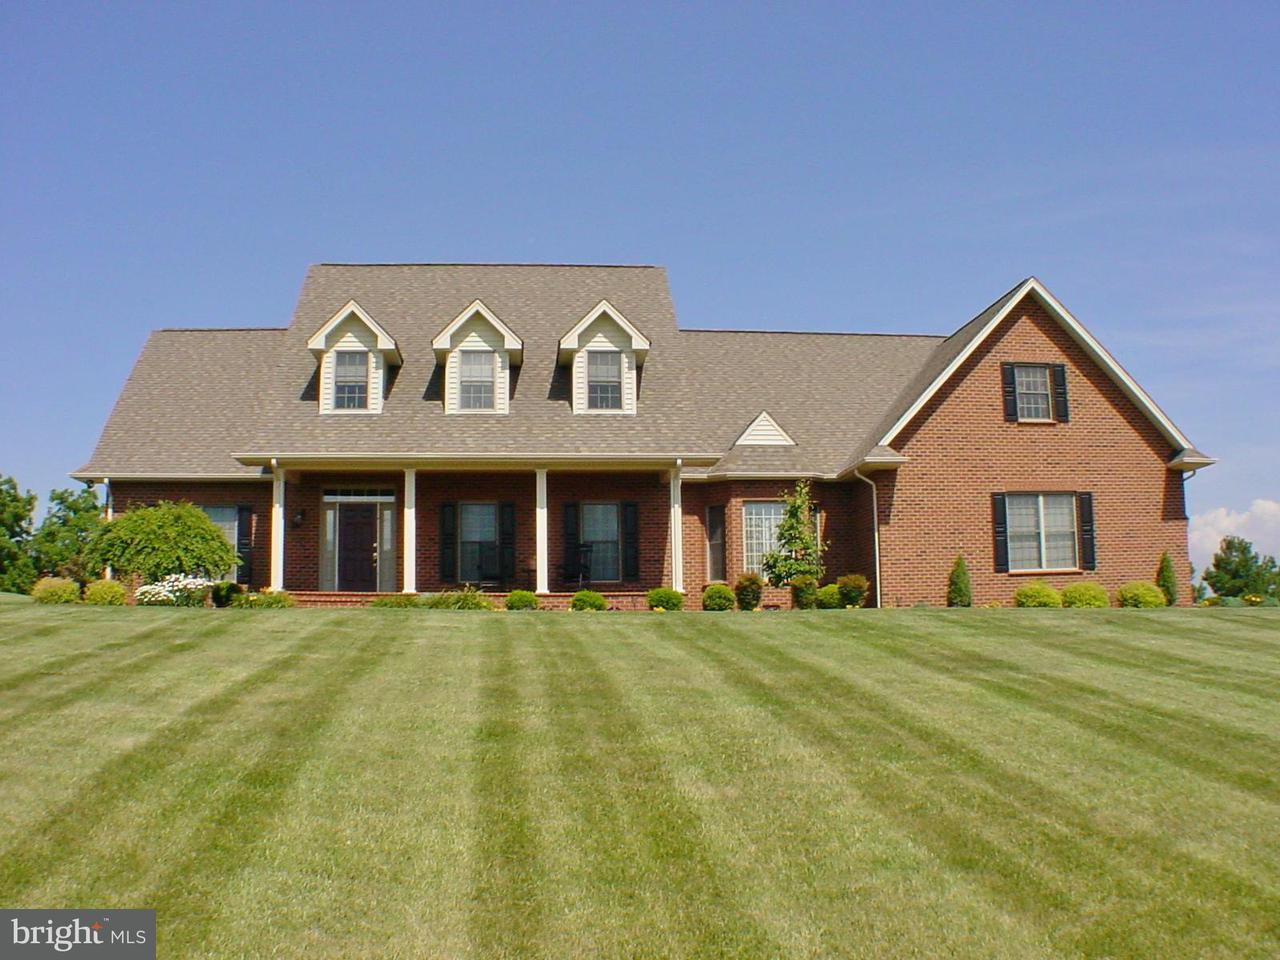 Μονοκατοικία για την Πώληση στο 783 MILLER Lane 783 MILLER Lane New Market, Βιρτζινια 22844 Ηνωμενεσ Πολιτειεσ